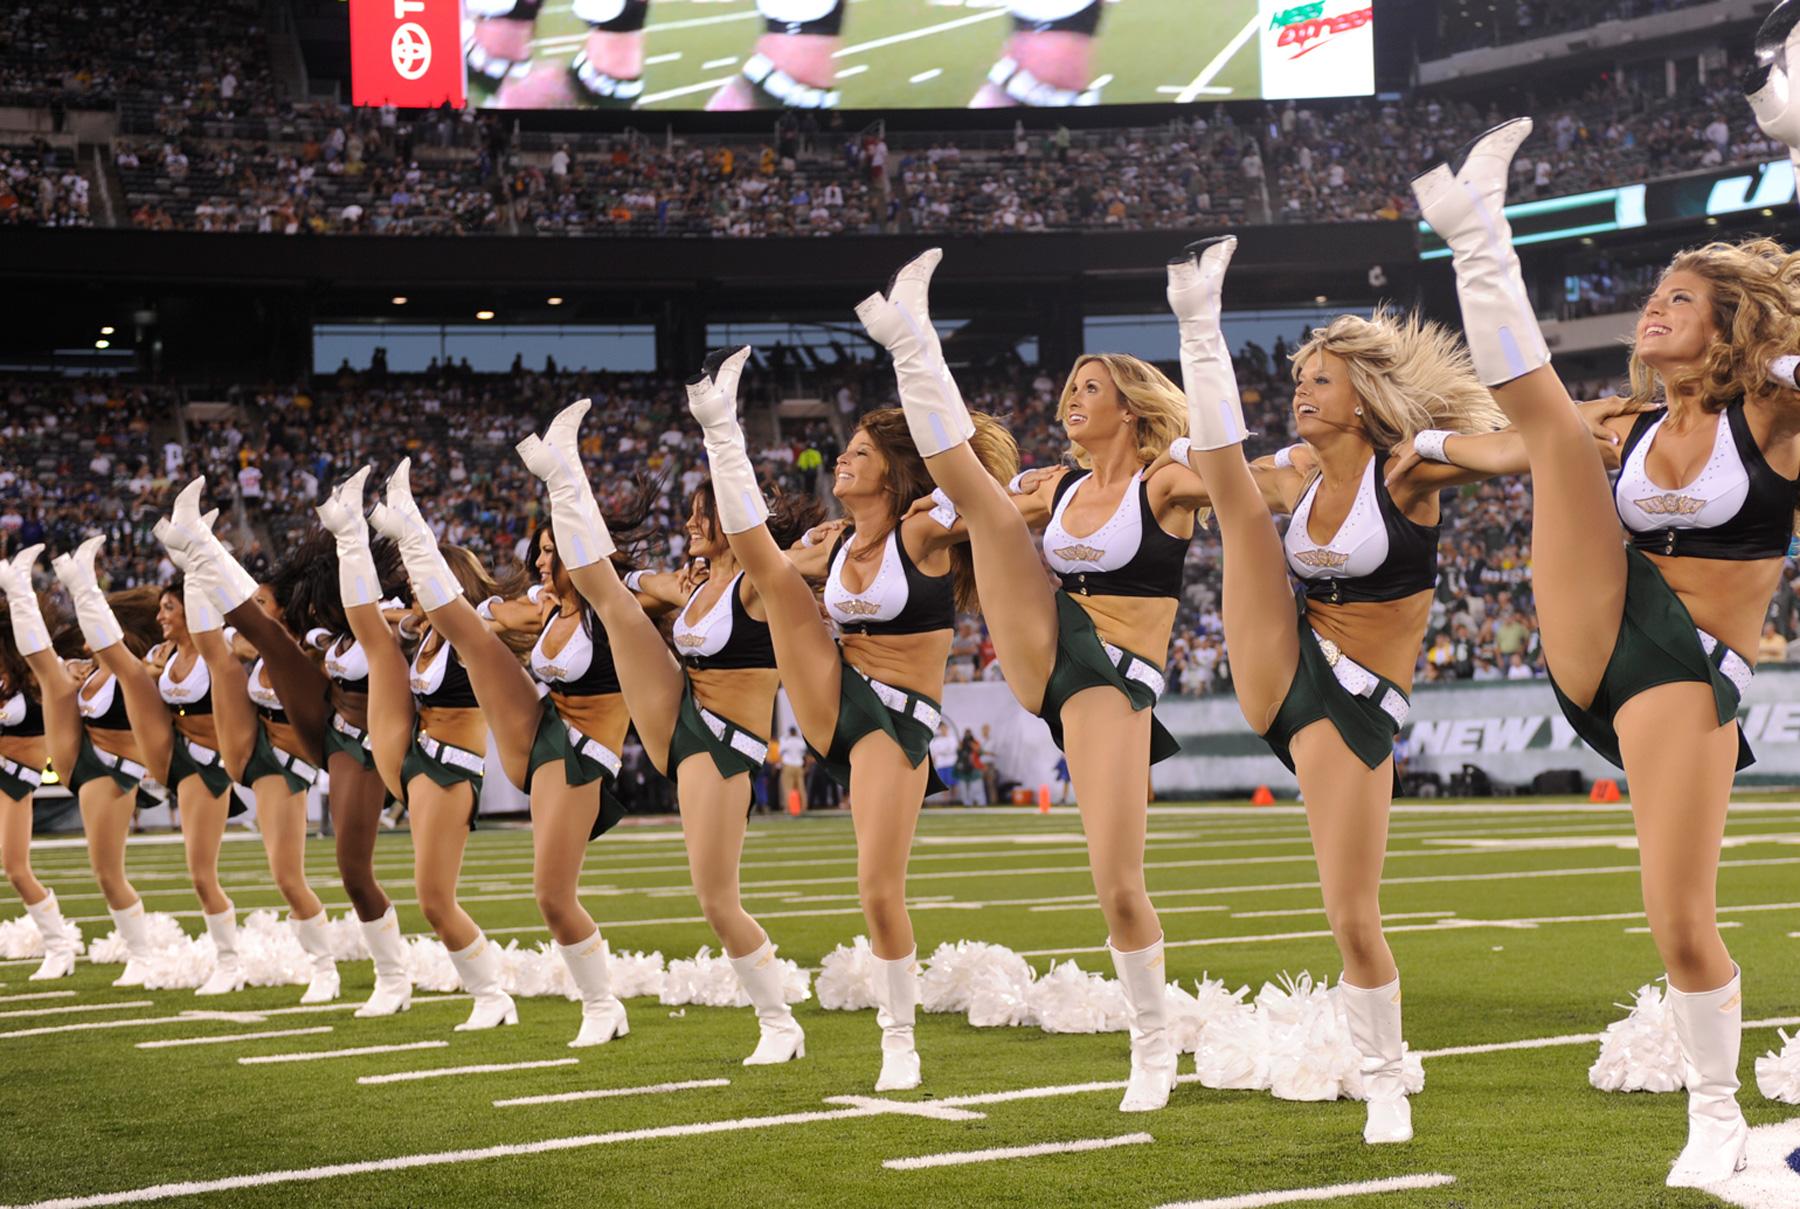 Cheerleader Nfl Football New York Jets F Wallpaper